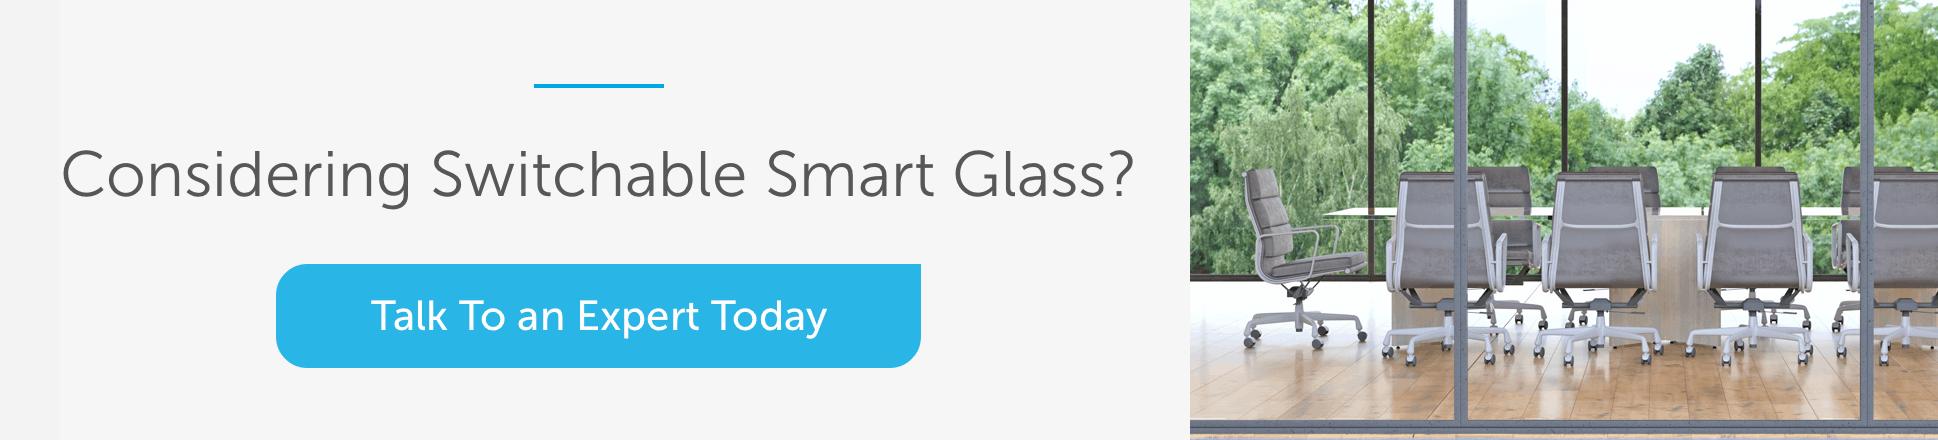 Talk to smart glass expert banner